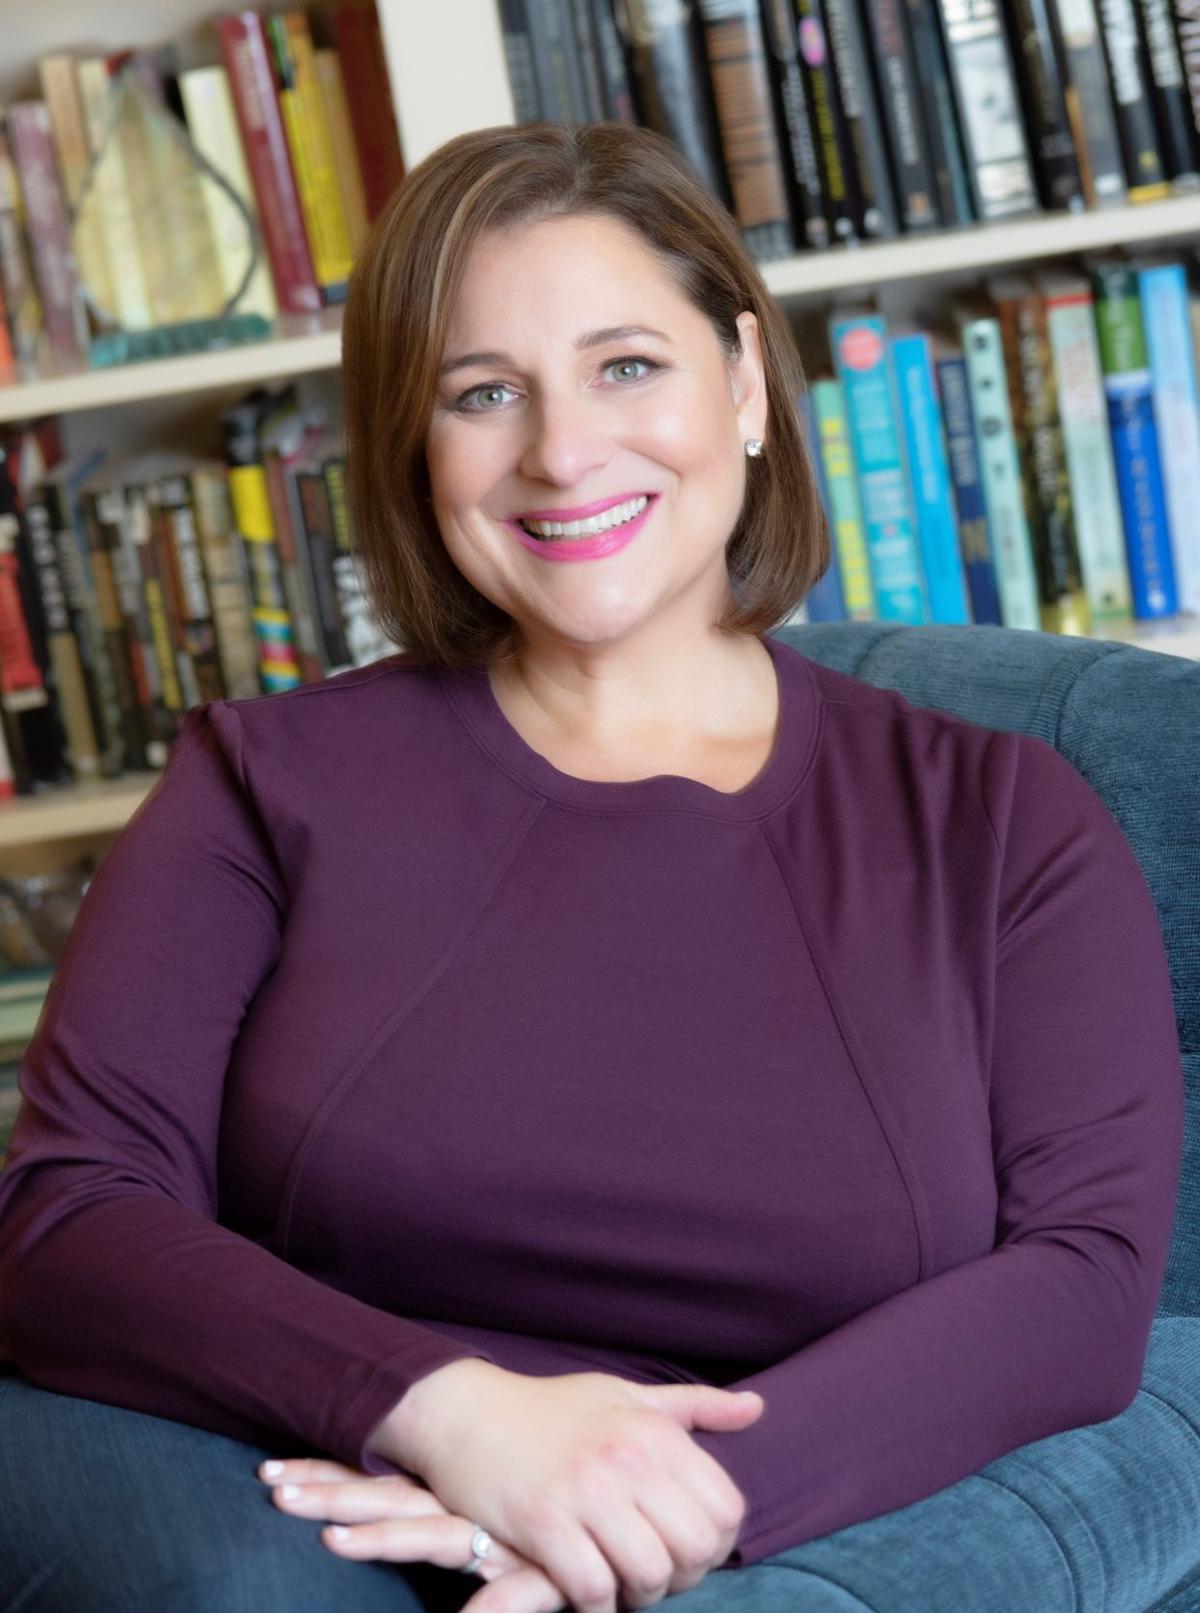 Author Jennifer Weiner